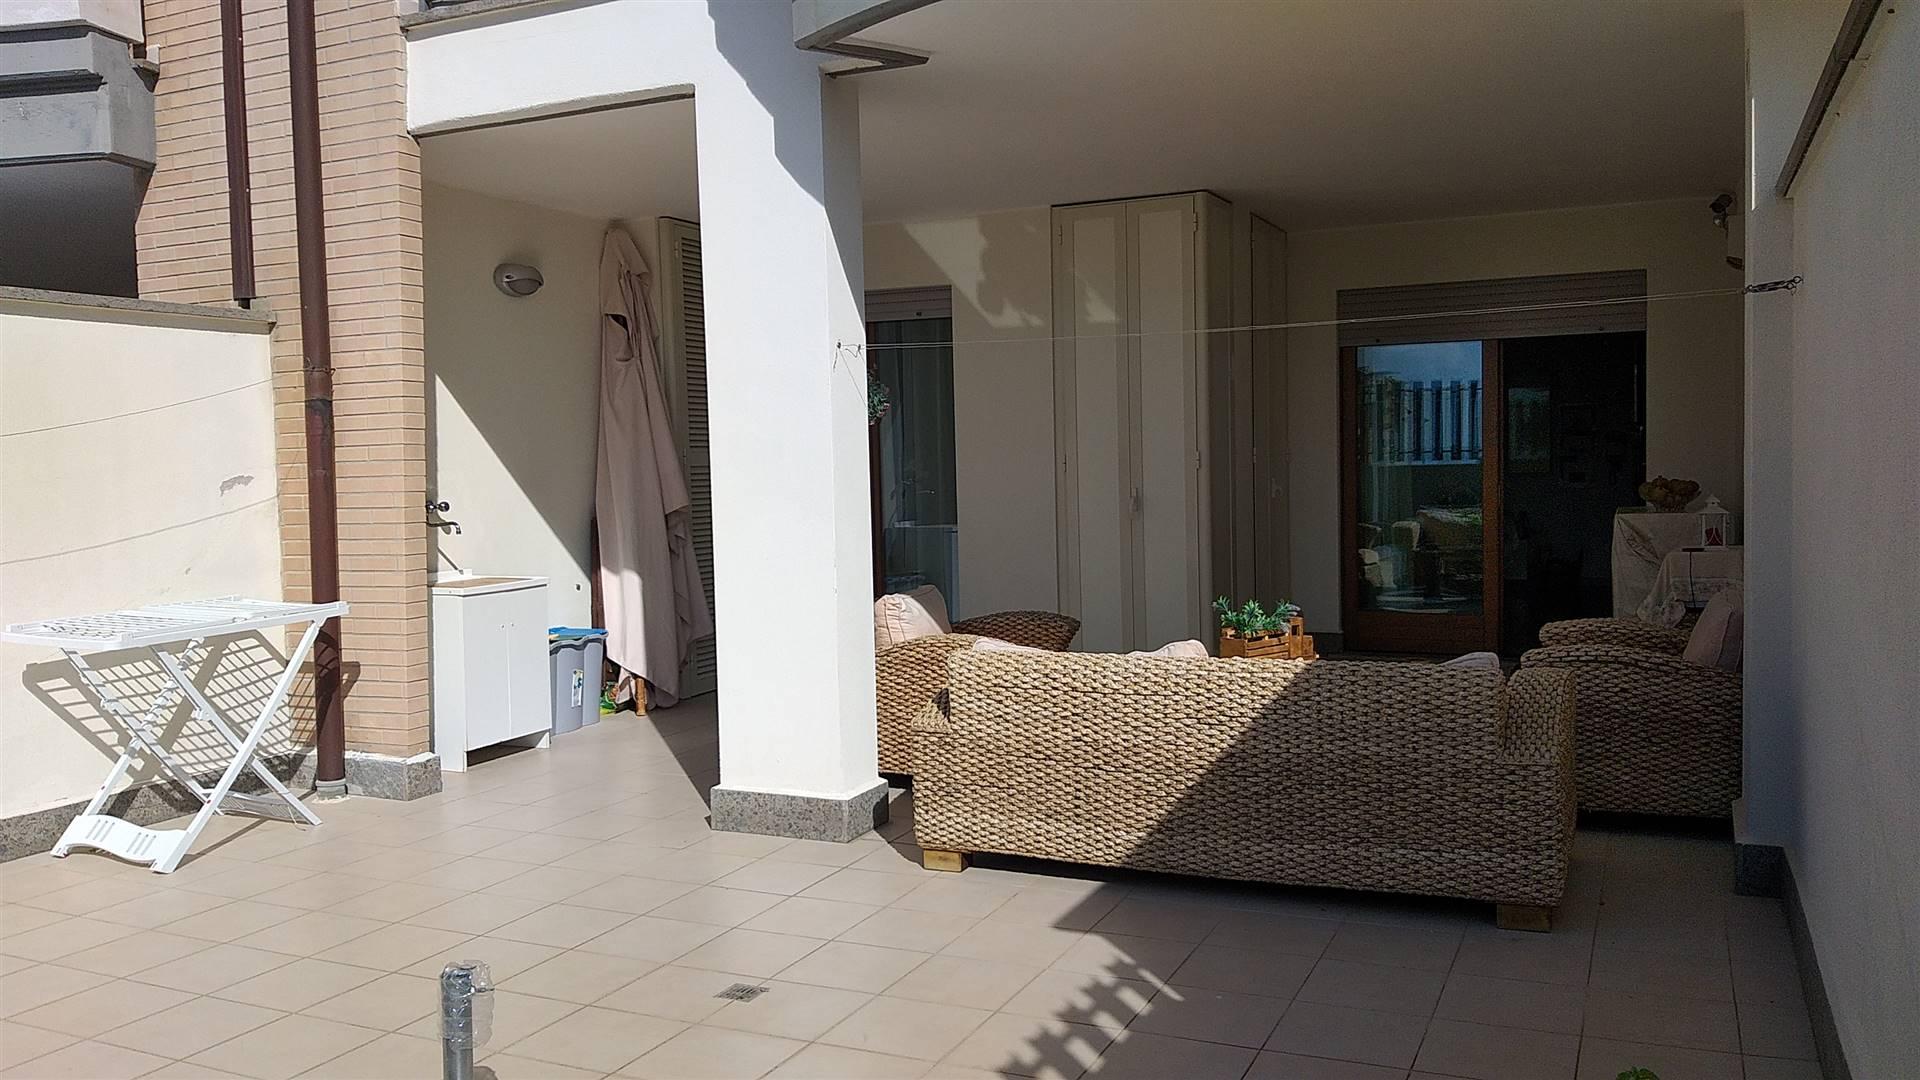 Appartamento con giardino in vendita. L'immobile situato in zona San Liborio è collocato al piano terra di una palazzina di recente costruzione.